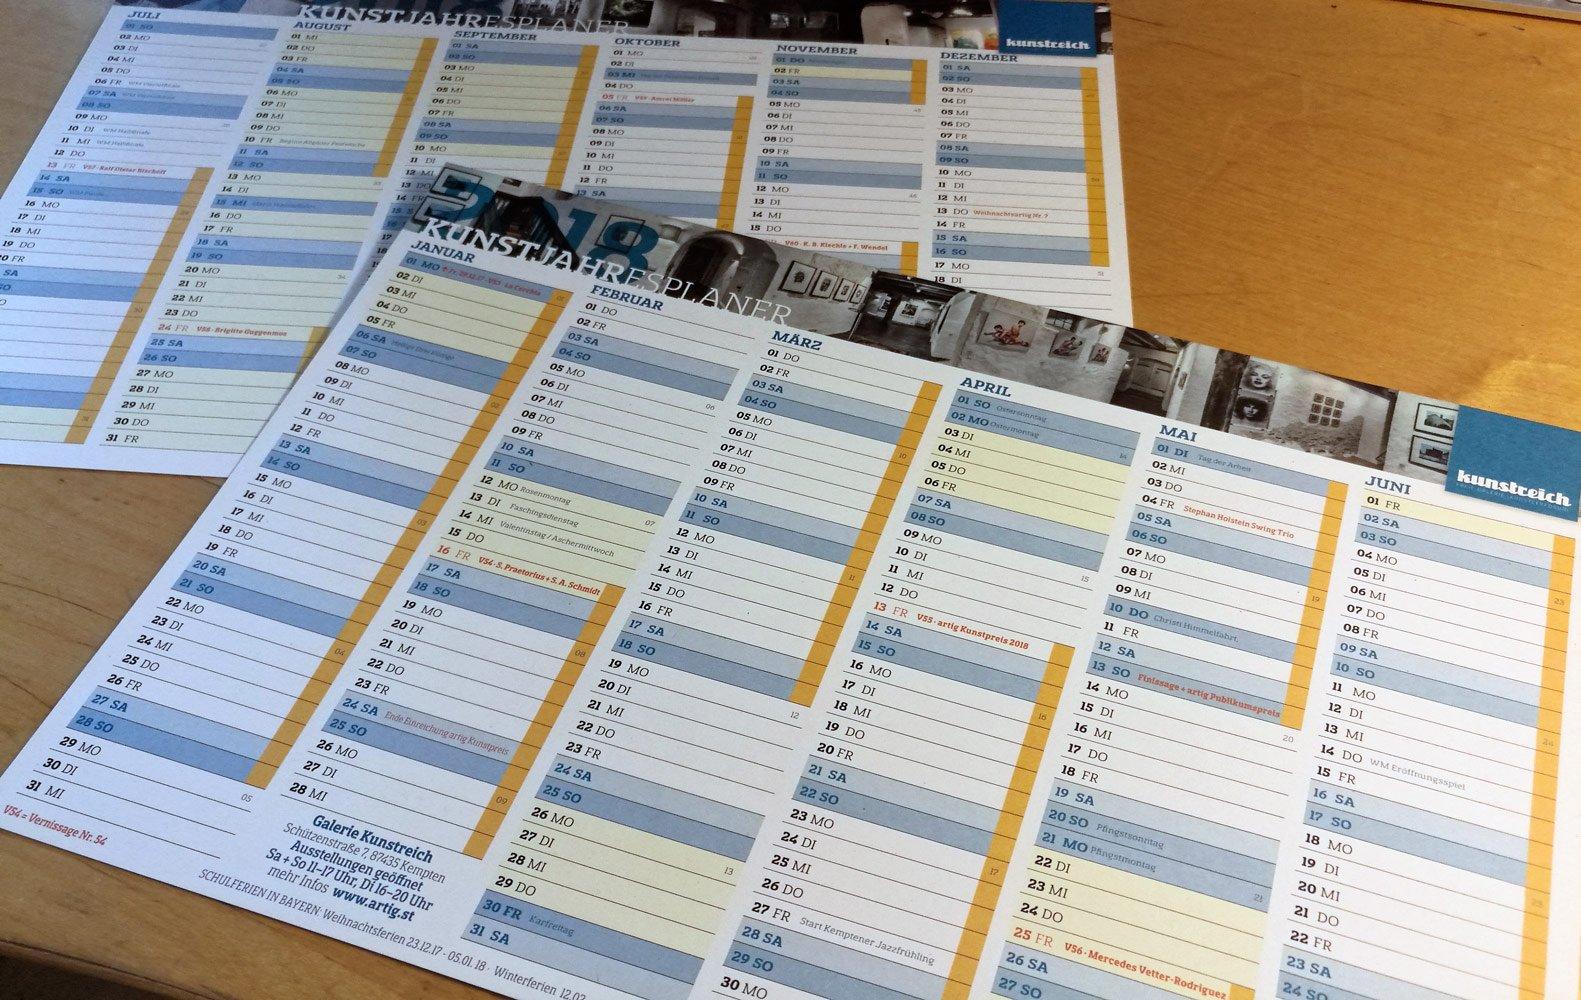 Ausstellung Organisieren Checkliste